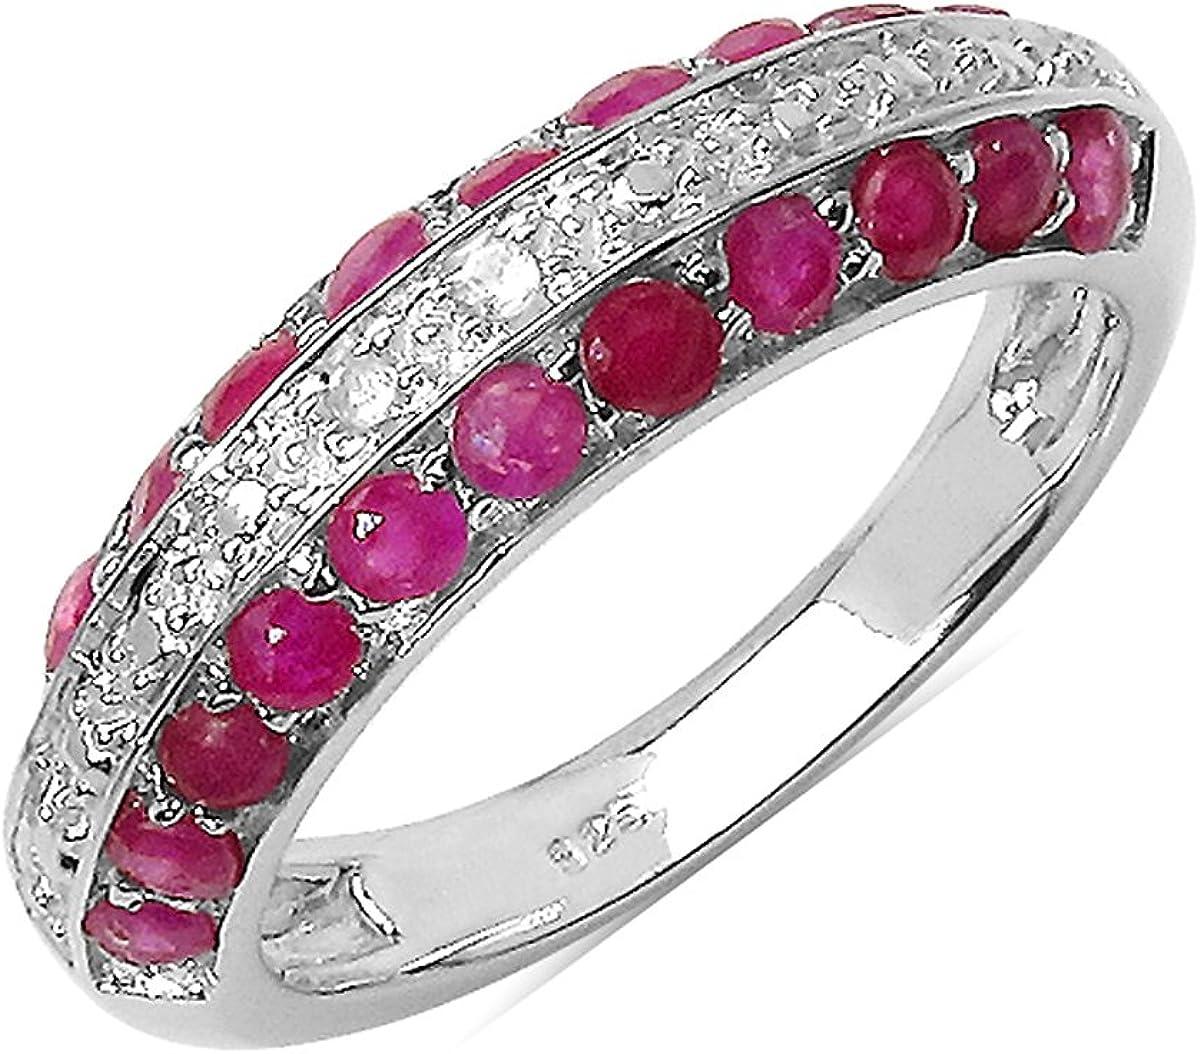 Silvancé - Anillo de mujer - plata esterlina 925 bañada en rodio - auténtico piedras preciosas: Ruby ca. 1.07ct. - R4666R_SSR